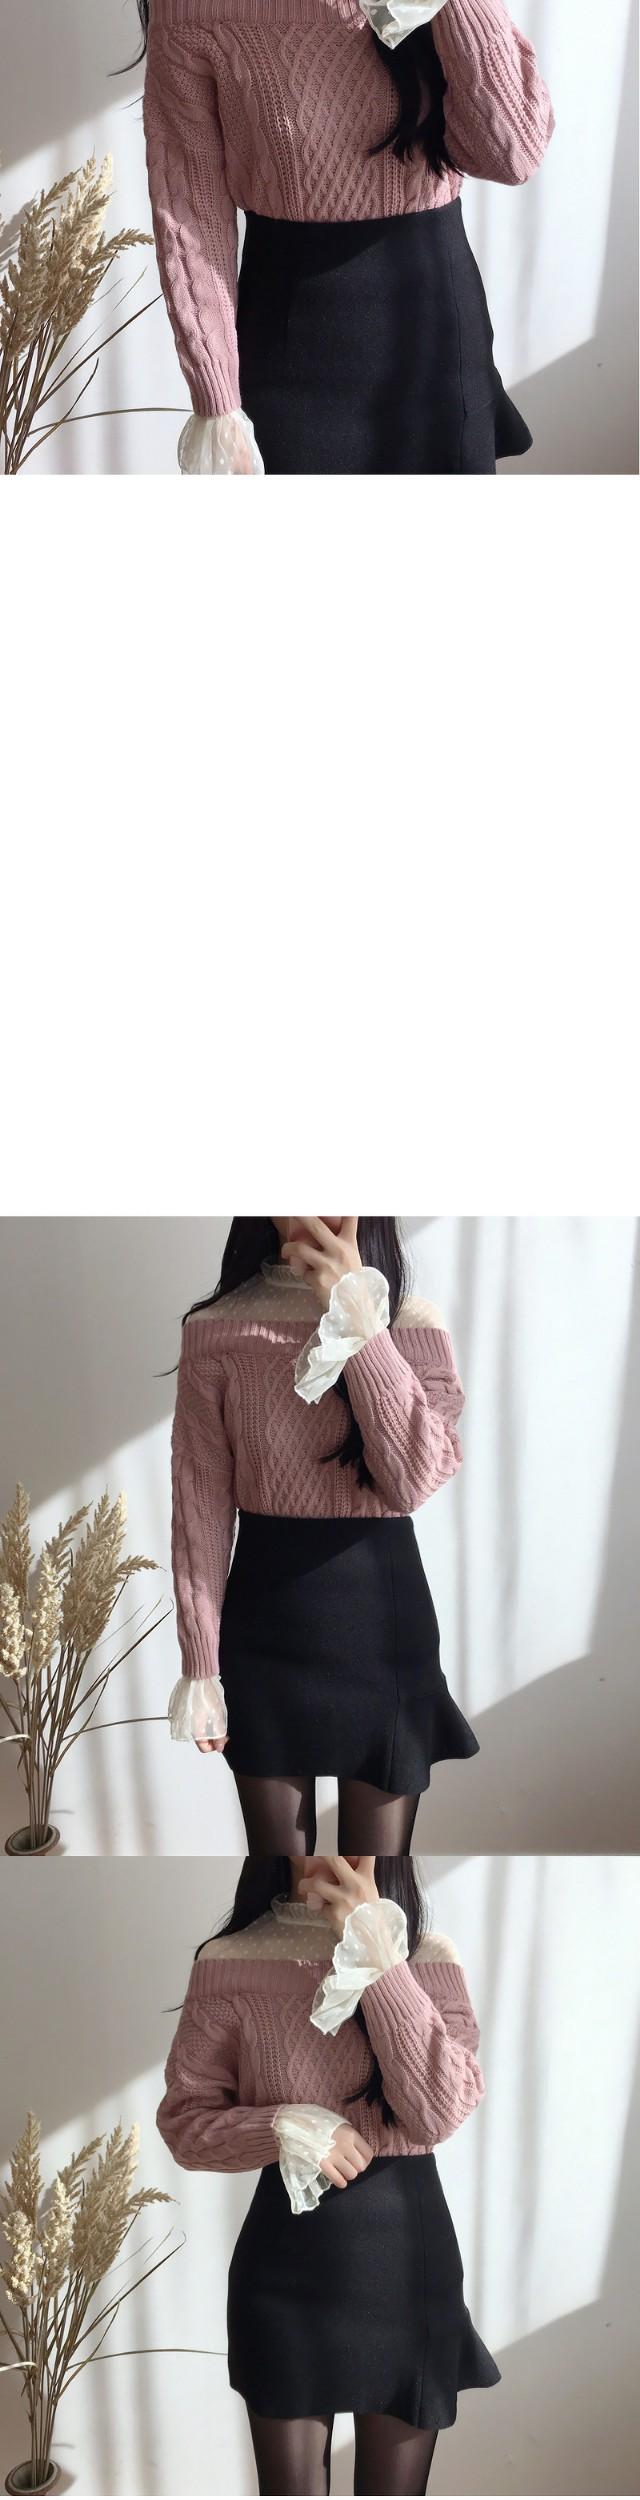 Race-off shoulder knit